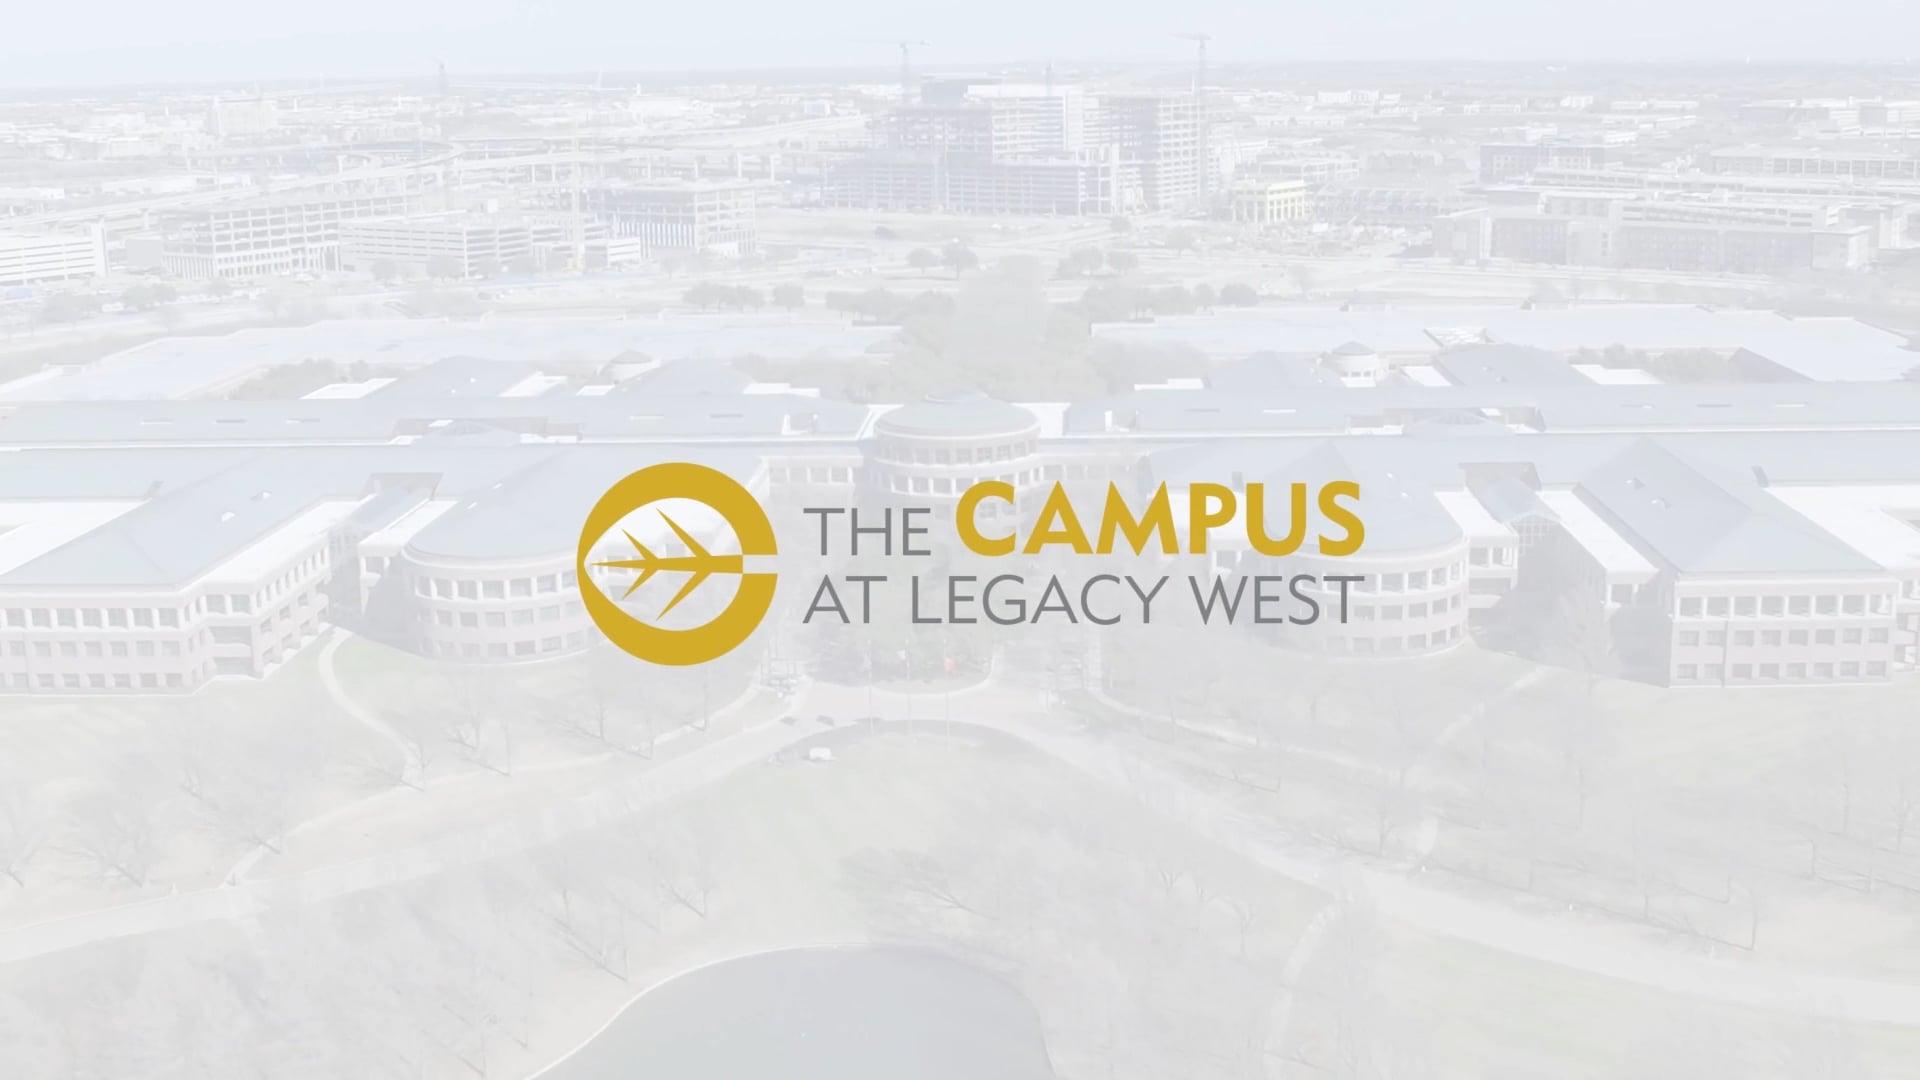 TM - Campus at Legacy West